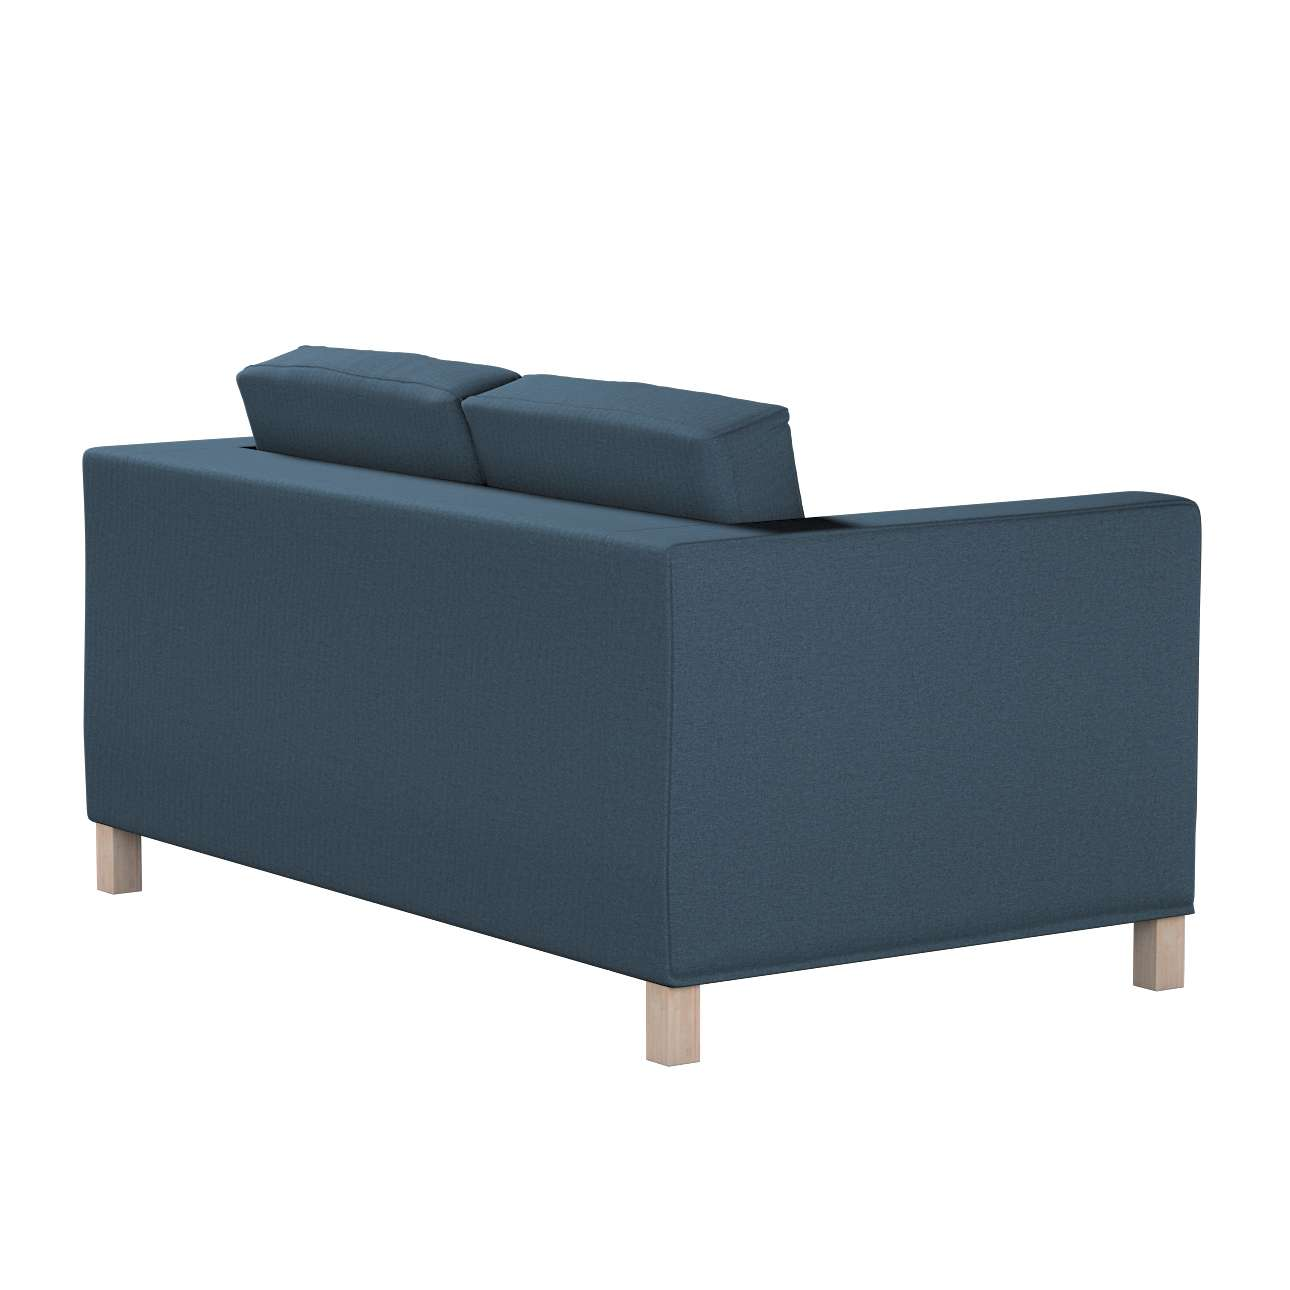 Pokrowiec na sofę Karlanda 2-osobową nierozkładaną, krótki w kolekcji Etna, tkanina: 705-30